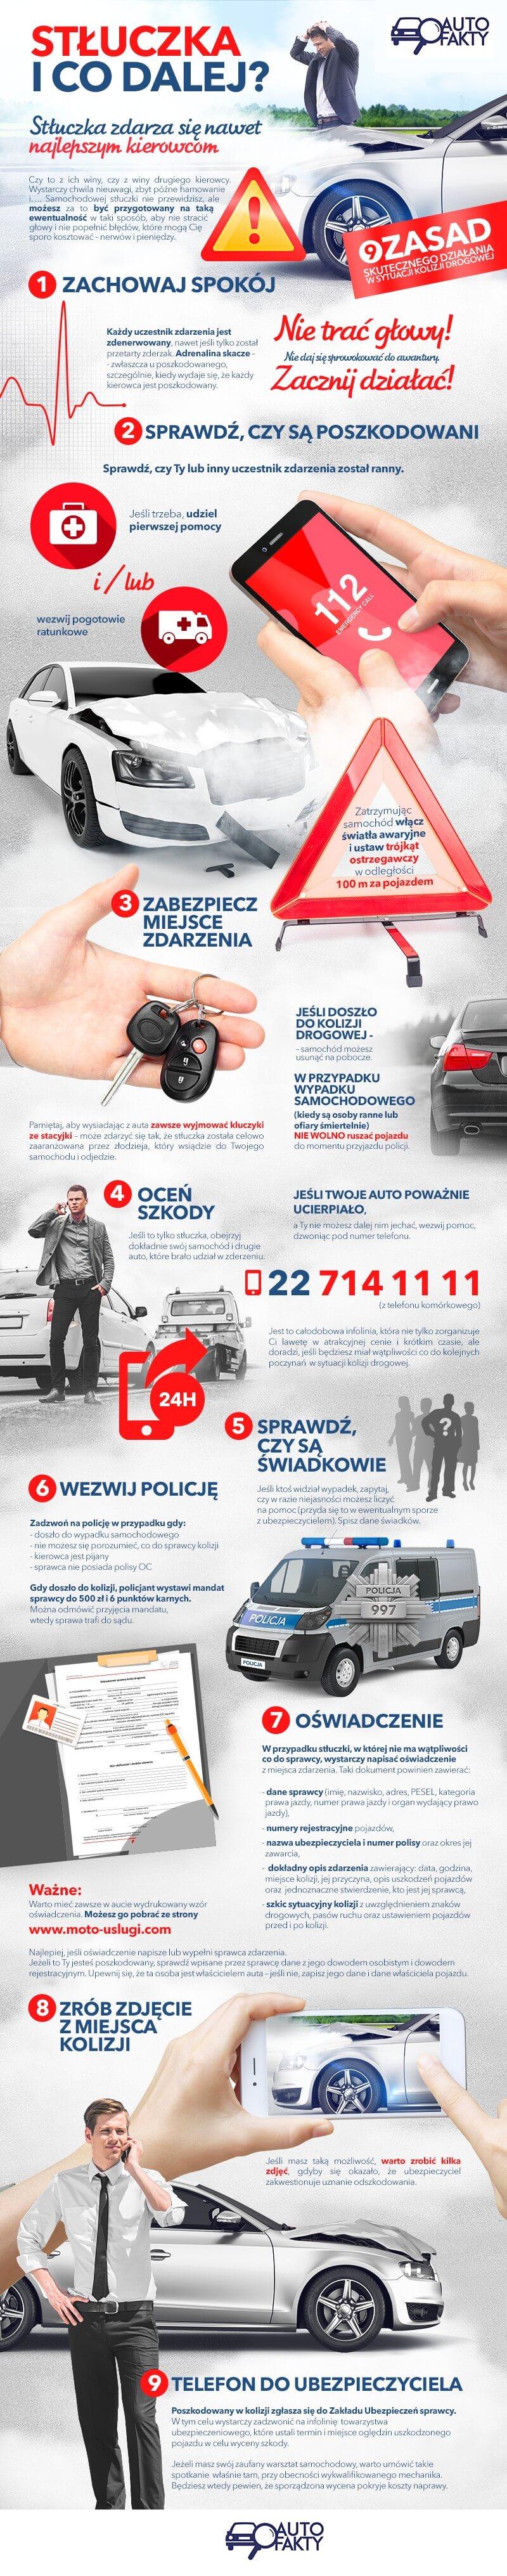 Stłuczka i co dalej - infografika | autofakty.pl